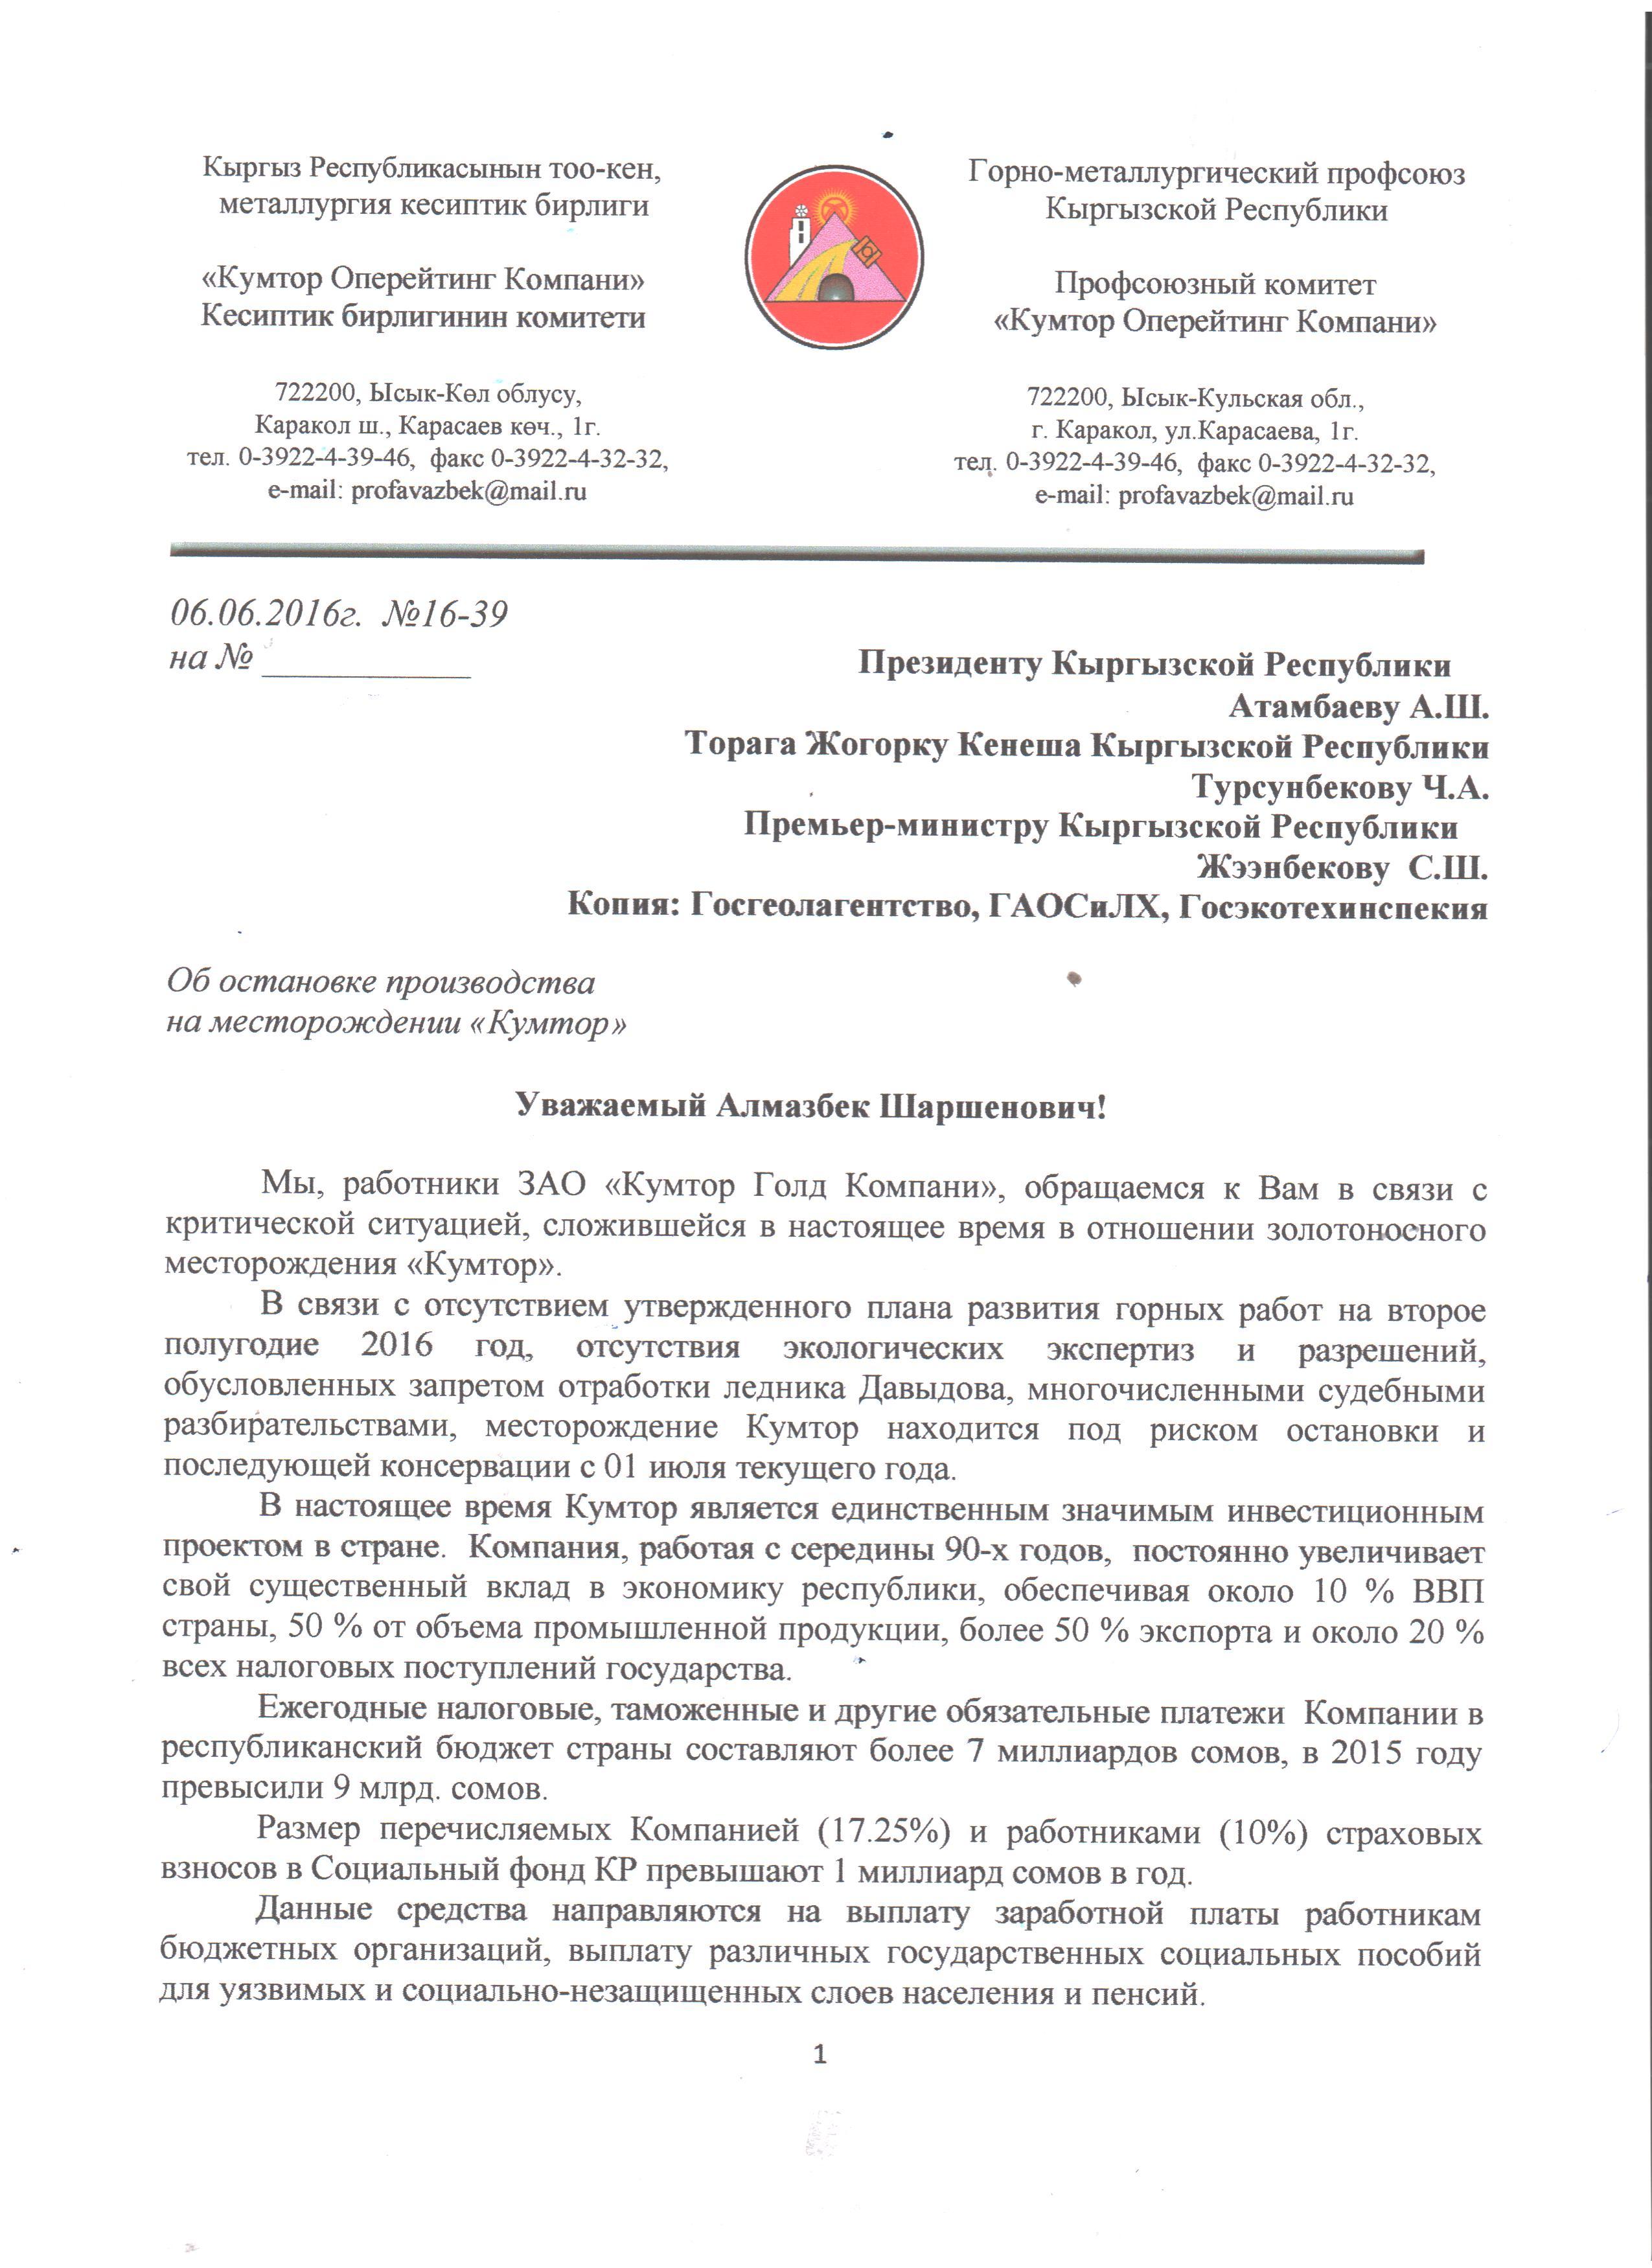 Обращение КОК 1 06.06.16г.